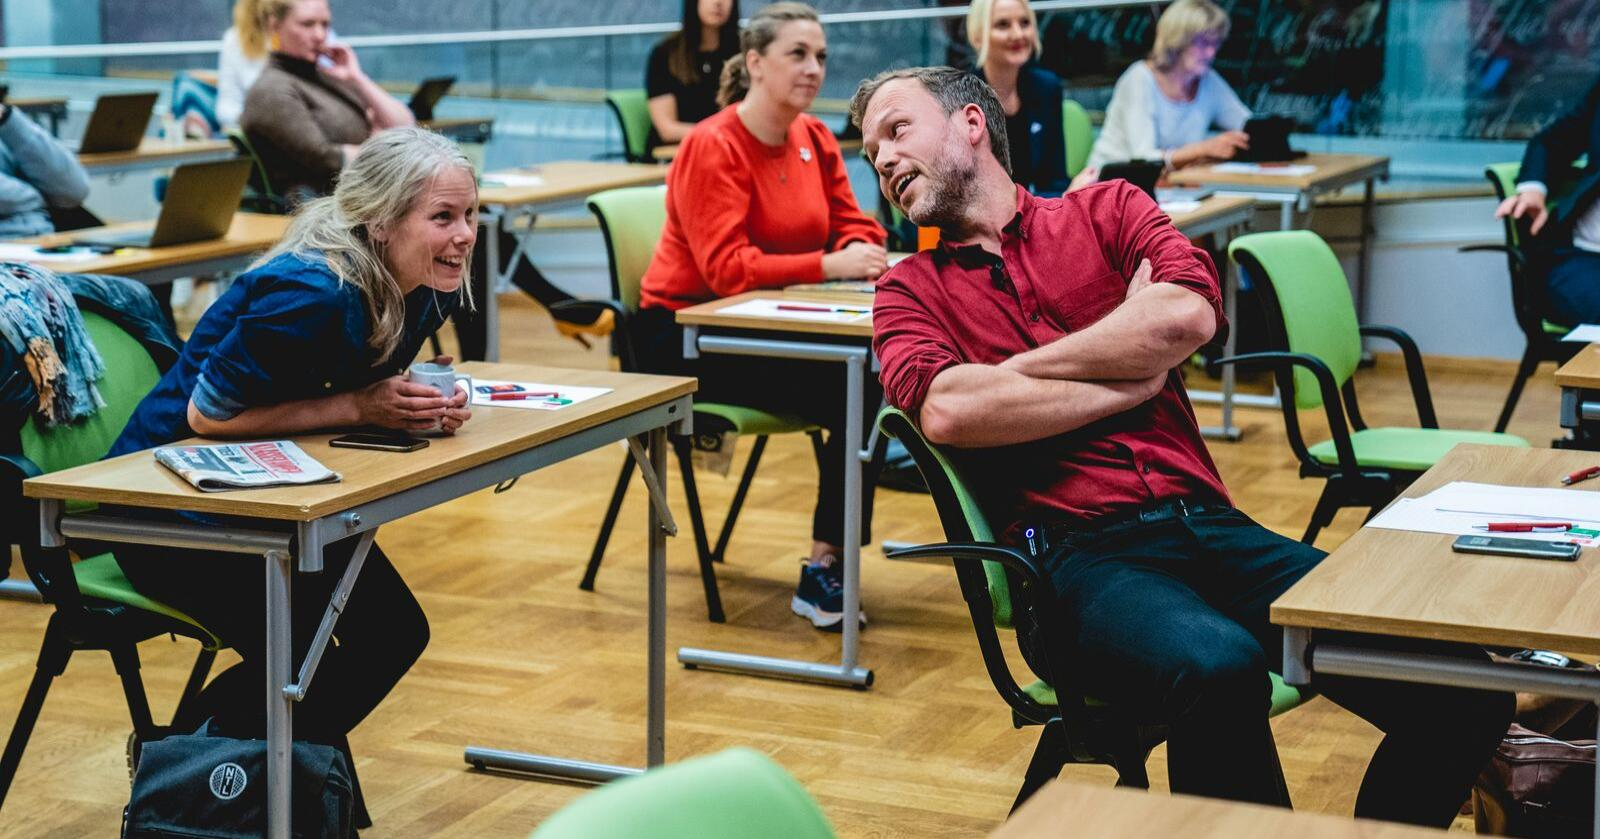 SV-leder Audun Lysbakken i samtale med nestleder Kirsti Bergstø, her under et landsstyremøte i SV i 2020. Foto: Stian Lysberg Solum / NTB